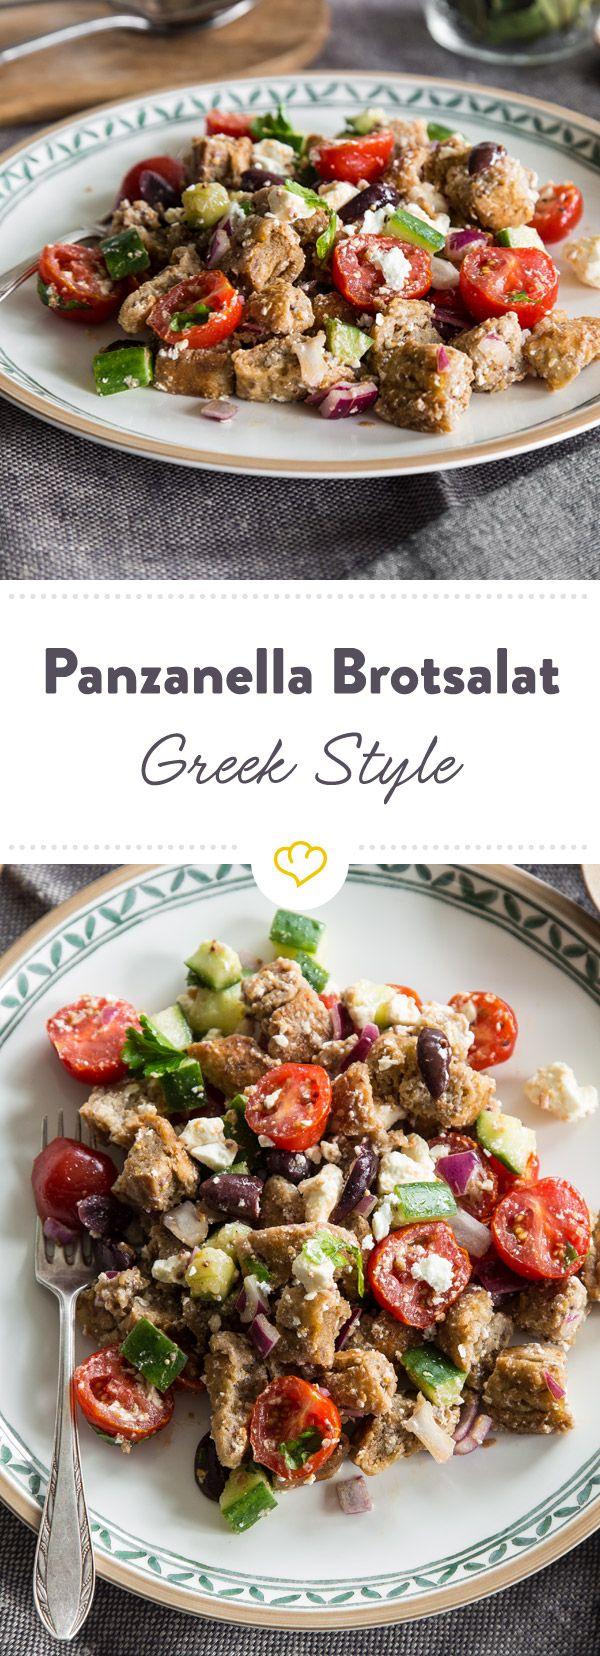 In diesen Panzanella Brotsalat kommen Tomaten, Gurken, Oliven, Zwiebeln und Feta. Dazu gibt es ein Dressing mit Dijon Senf. Einfach köstlich!